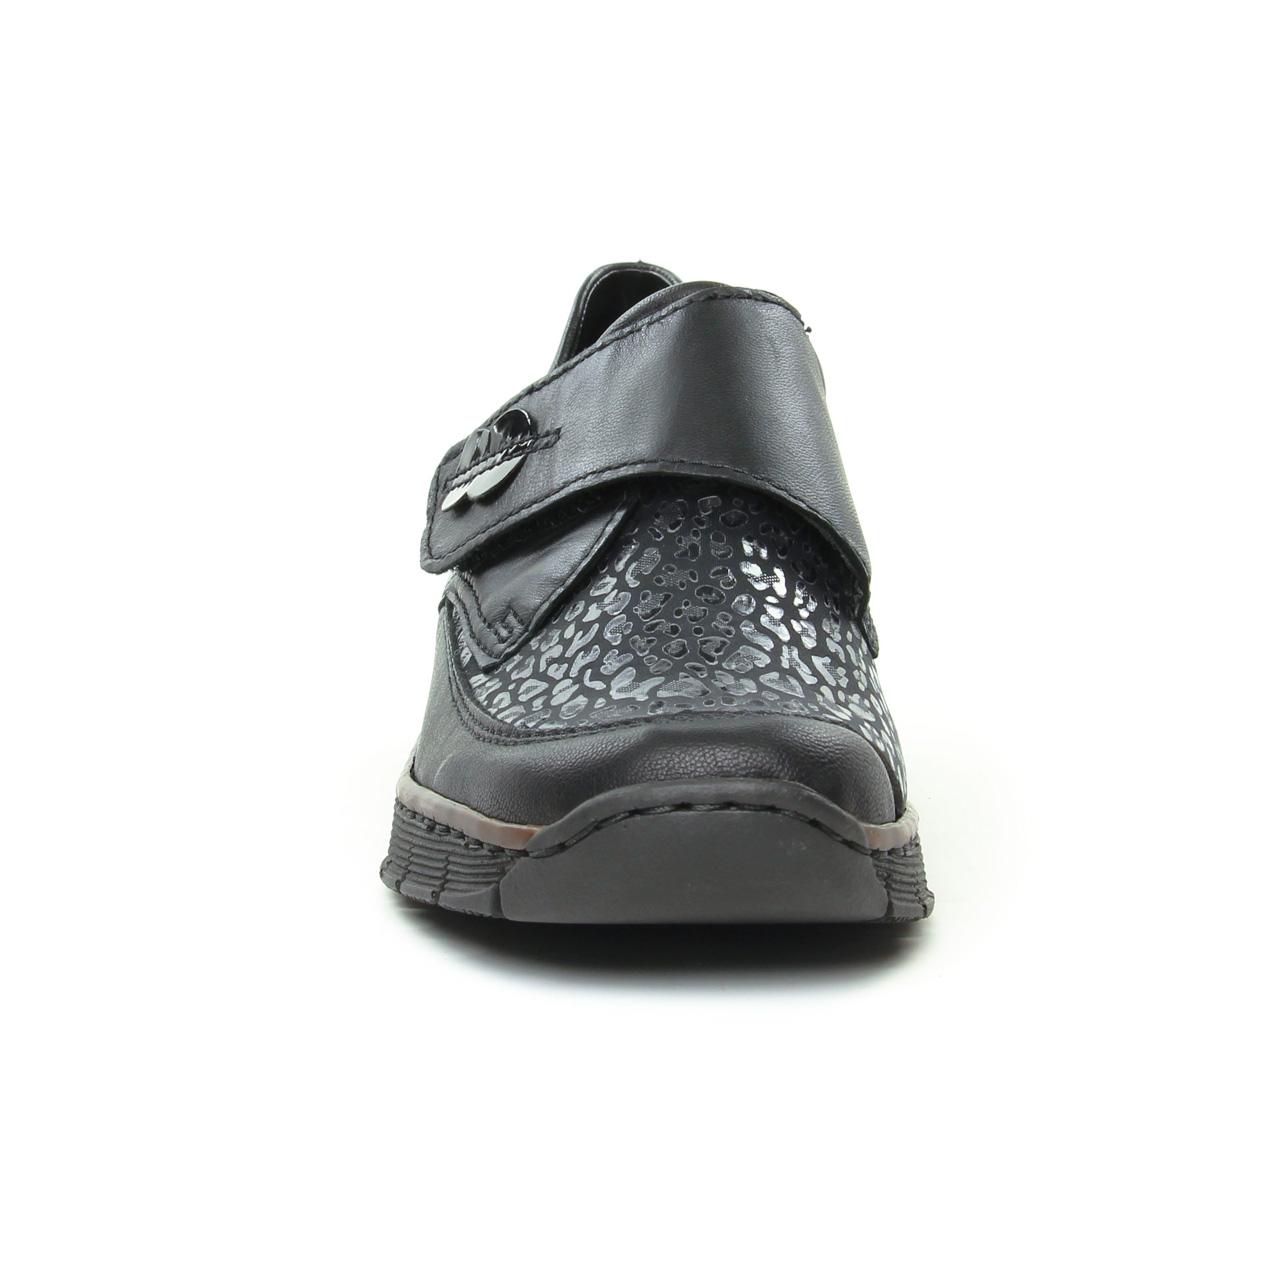 Rieker 537C0 00 Schwarz | mocassin trotteurs noir automne